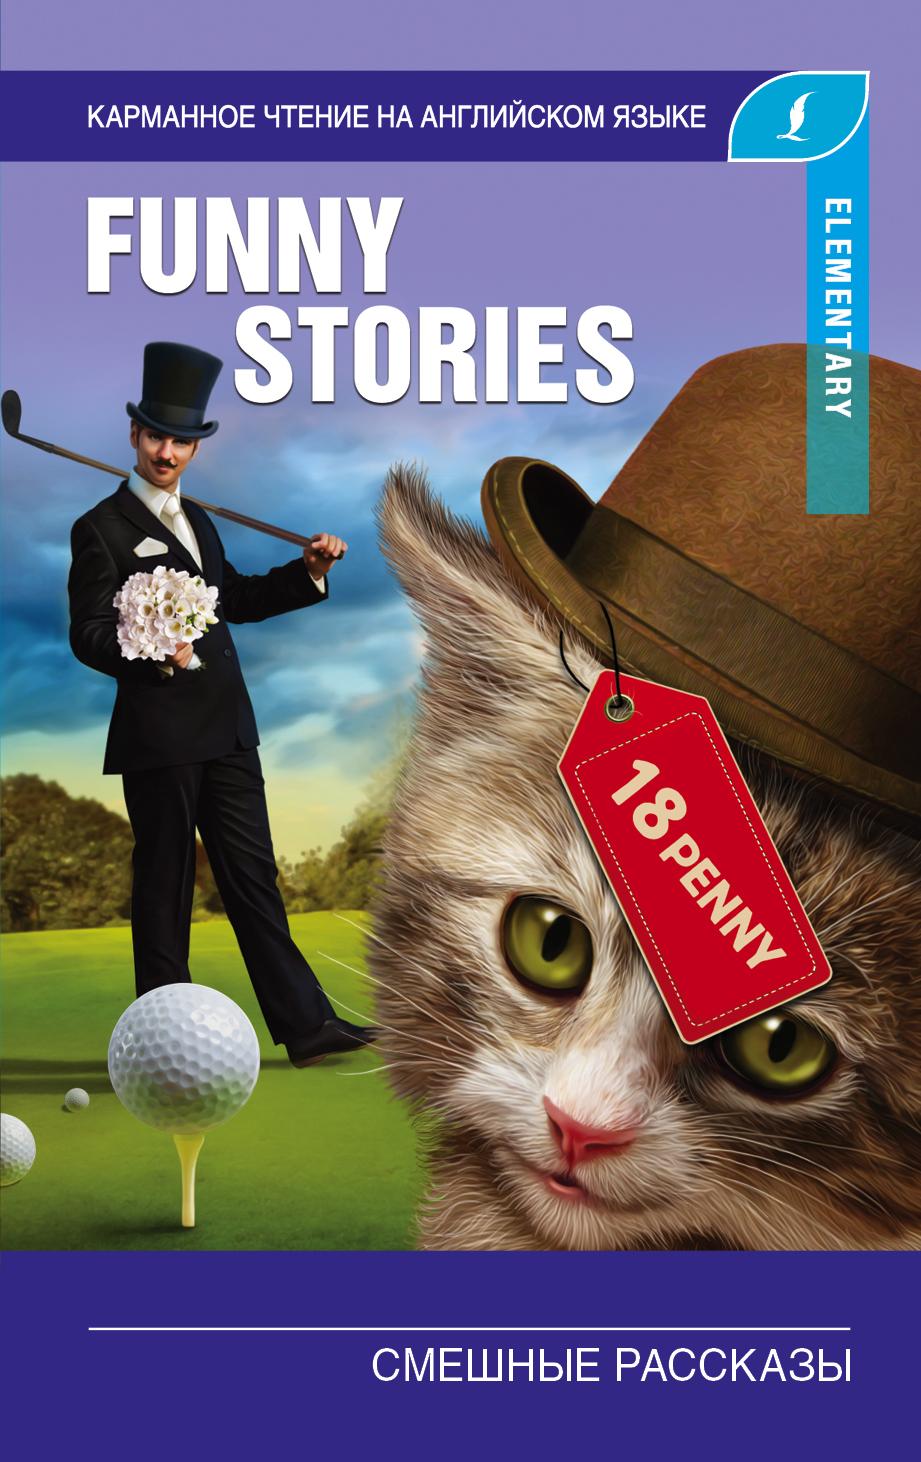 цена на Джером К.Д., Твен М. Смешные рассказы. Elementary